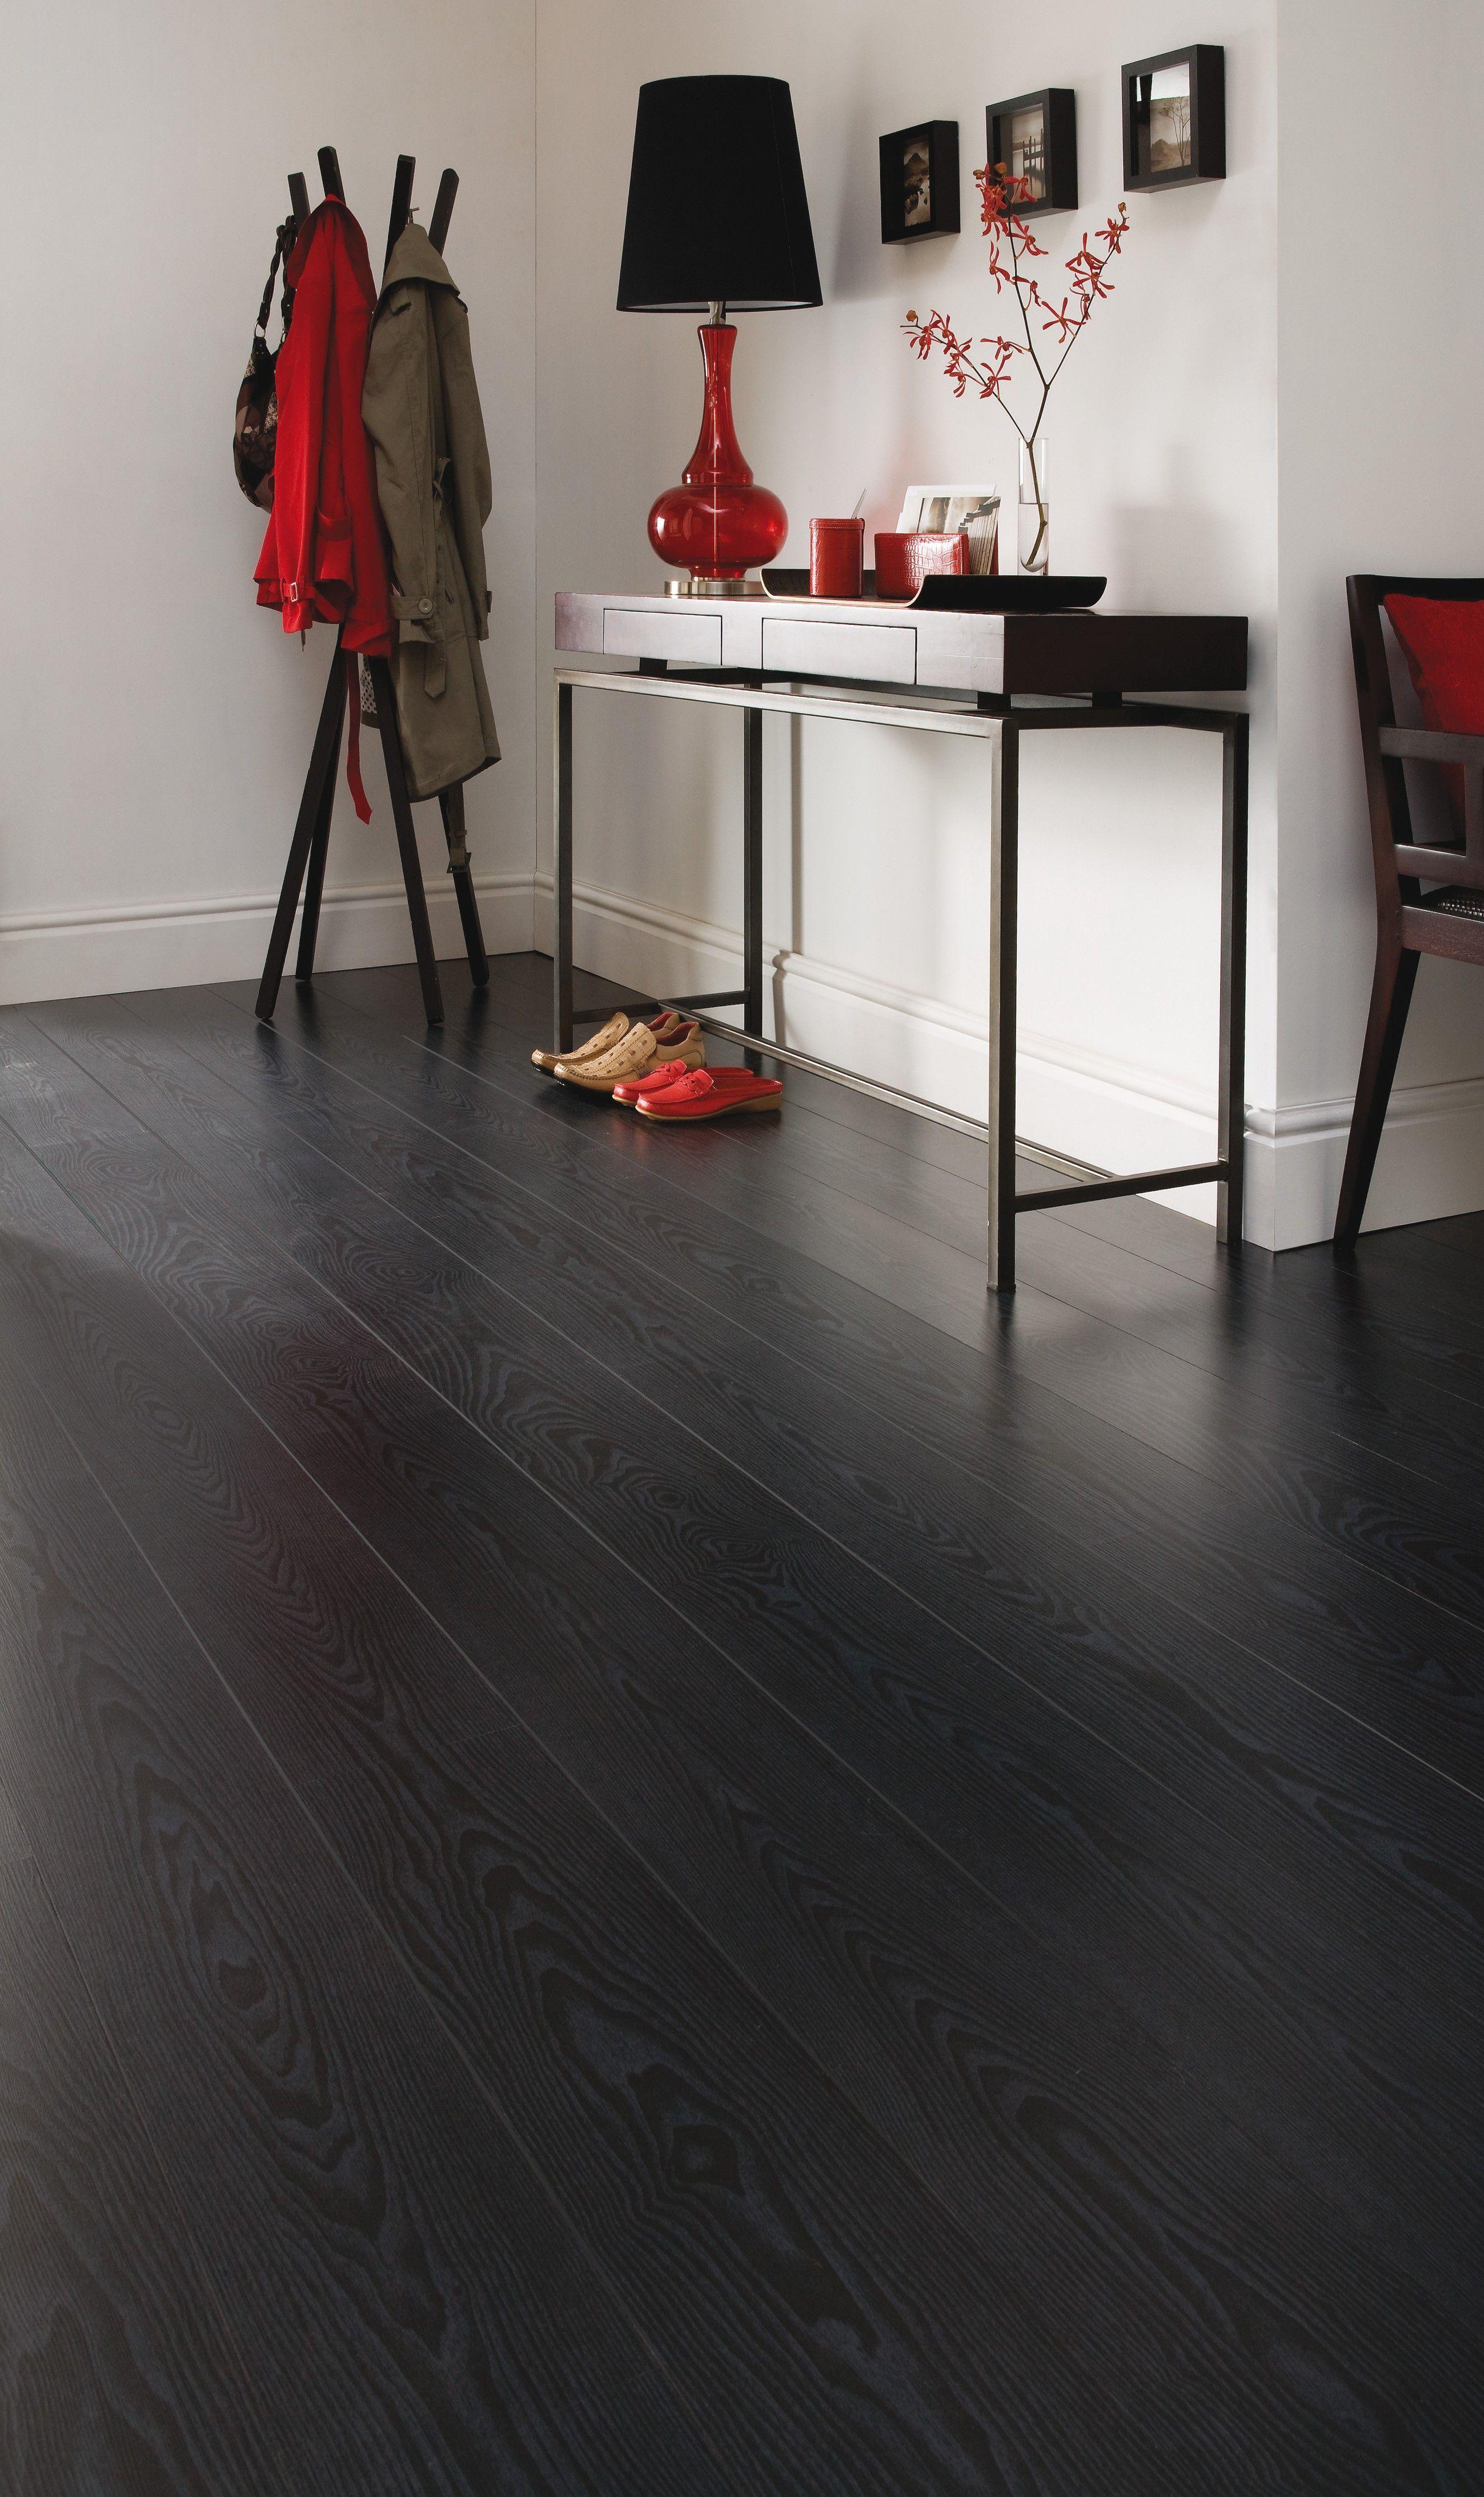 Zwarte vloer www.beboparket.nl #houtenvloer #laminaat #interieur #inspiratie #tips #wonen